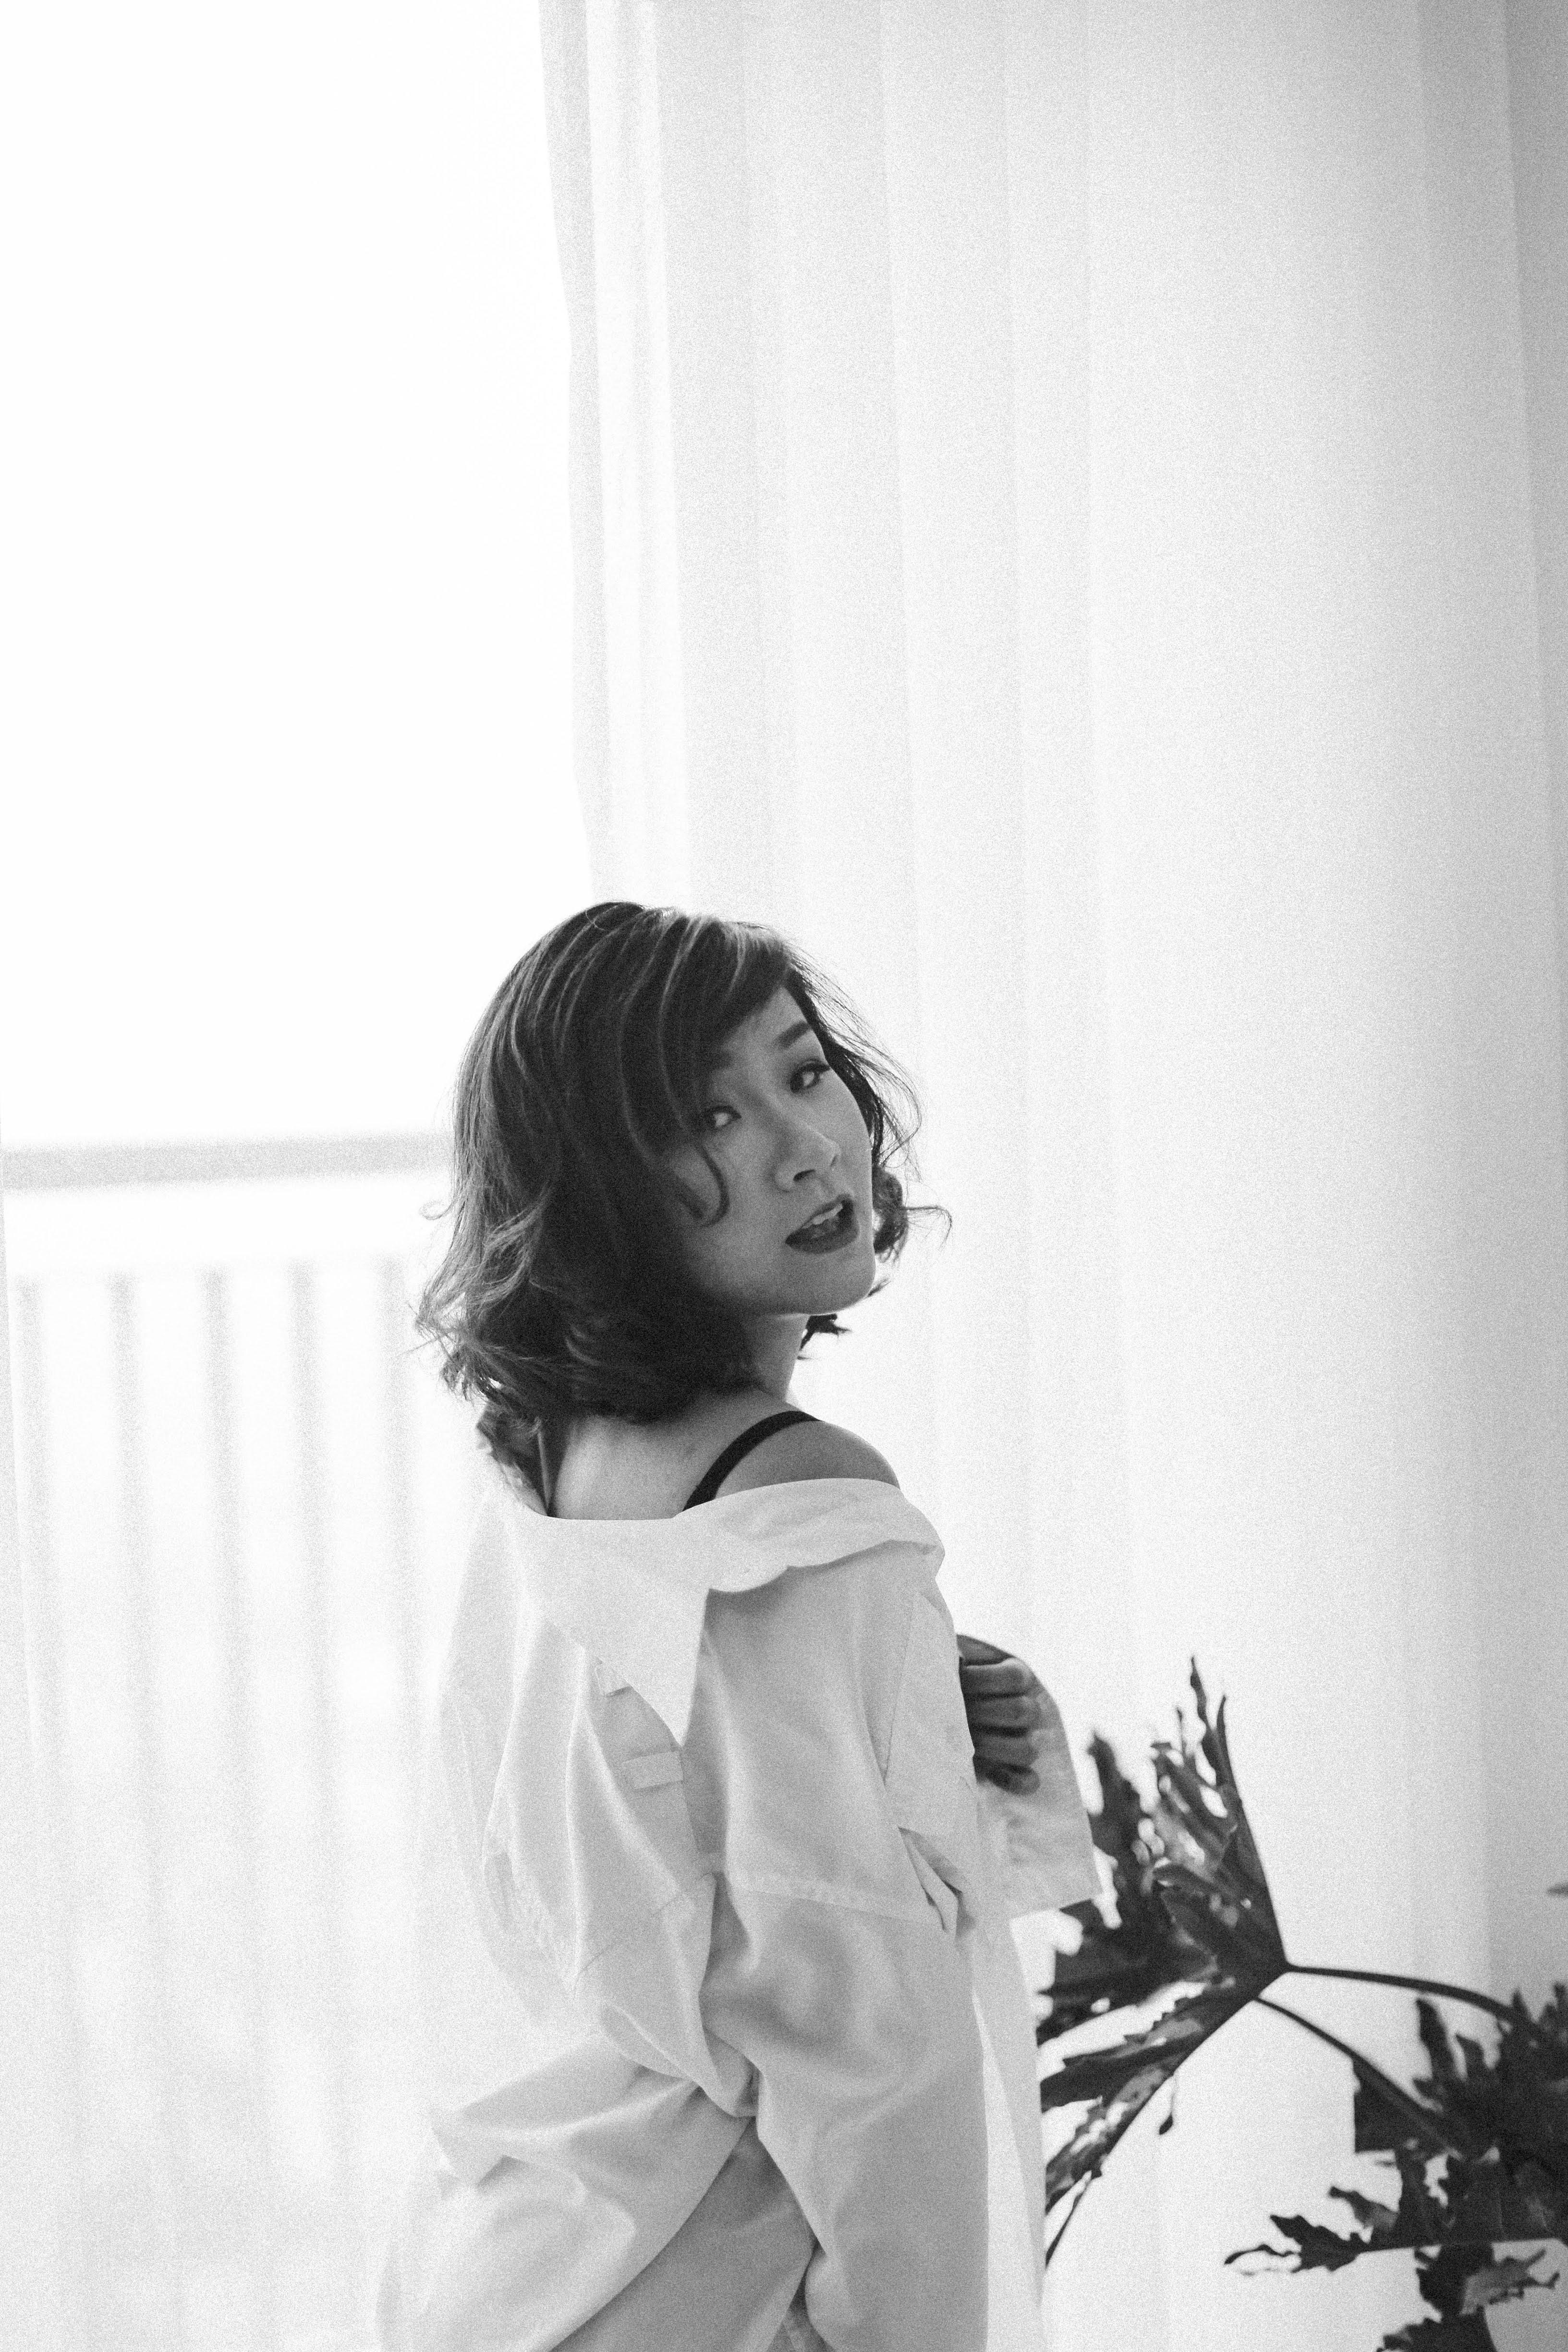 """Cô tâm niệm: """"Là phụ nữ dù độc thân hay đã lập gia đình, hãy luôn xinh đẹp và yêu bản thân. Mình hạnh phúc thì mới làm mọi người hạnh phúc""""."""